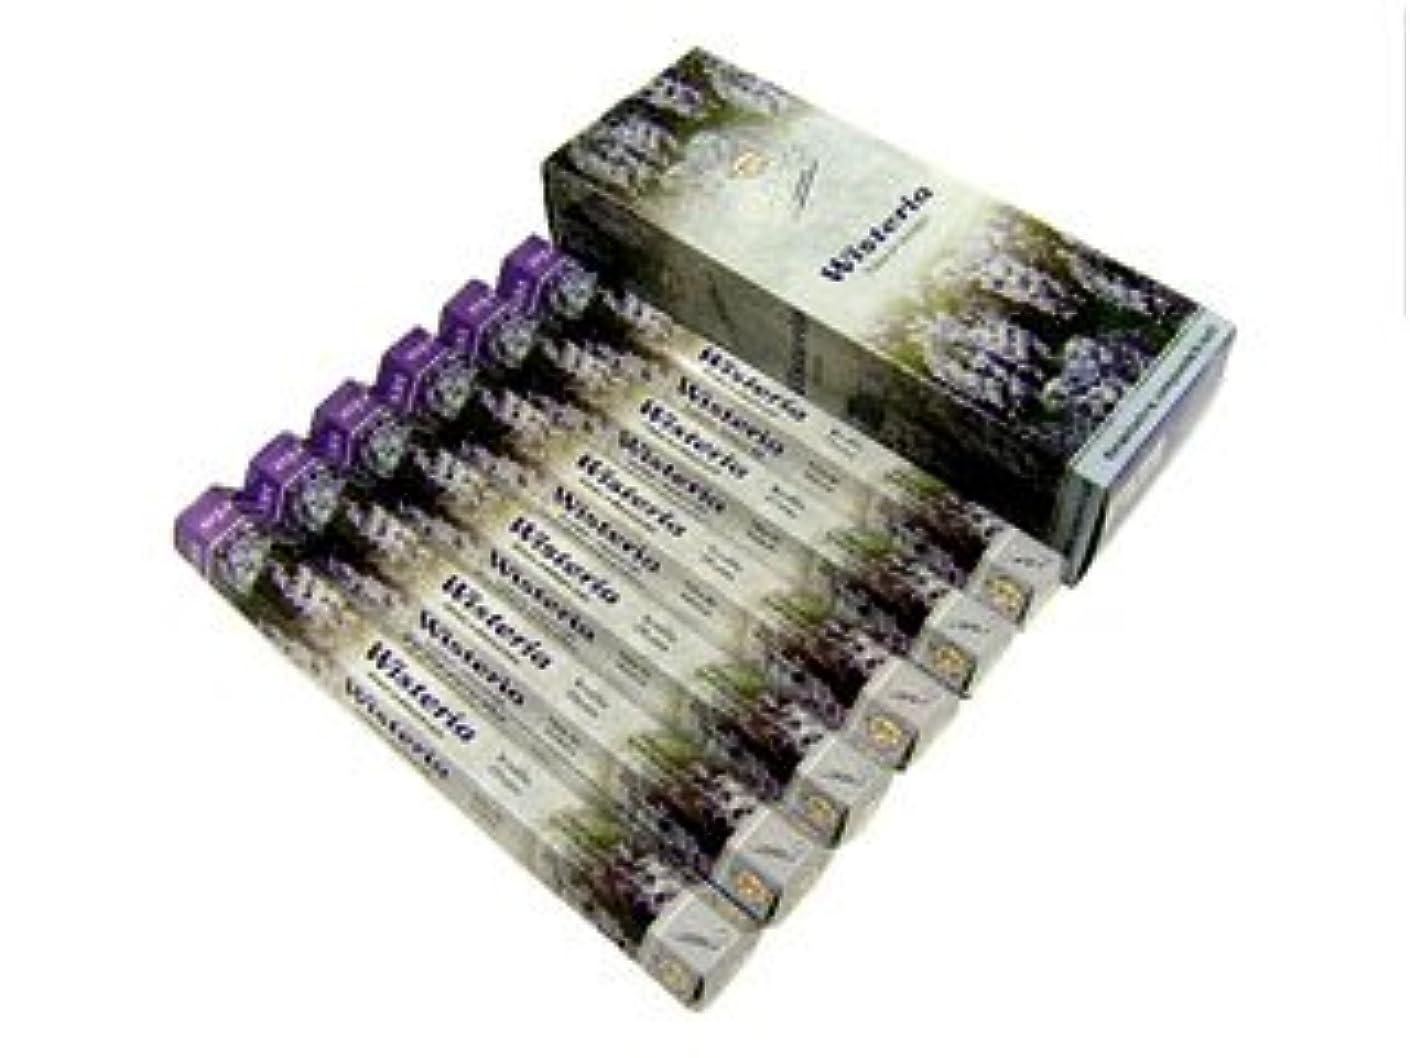 信頼性のある餌スコットランド人FLUTE(フルート) ウィステリア香 スティック WISTERIA 6箱セット